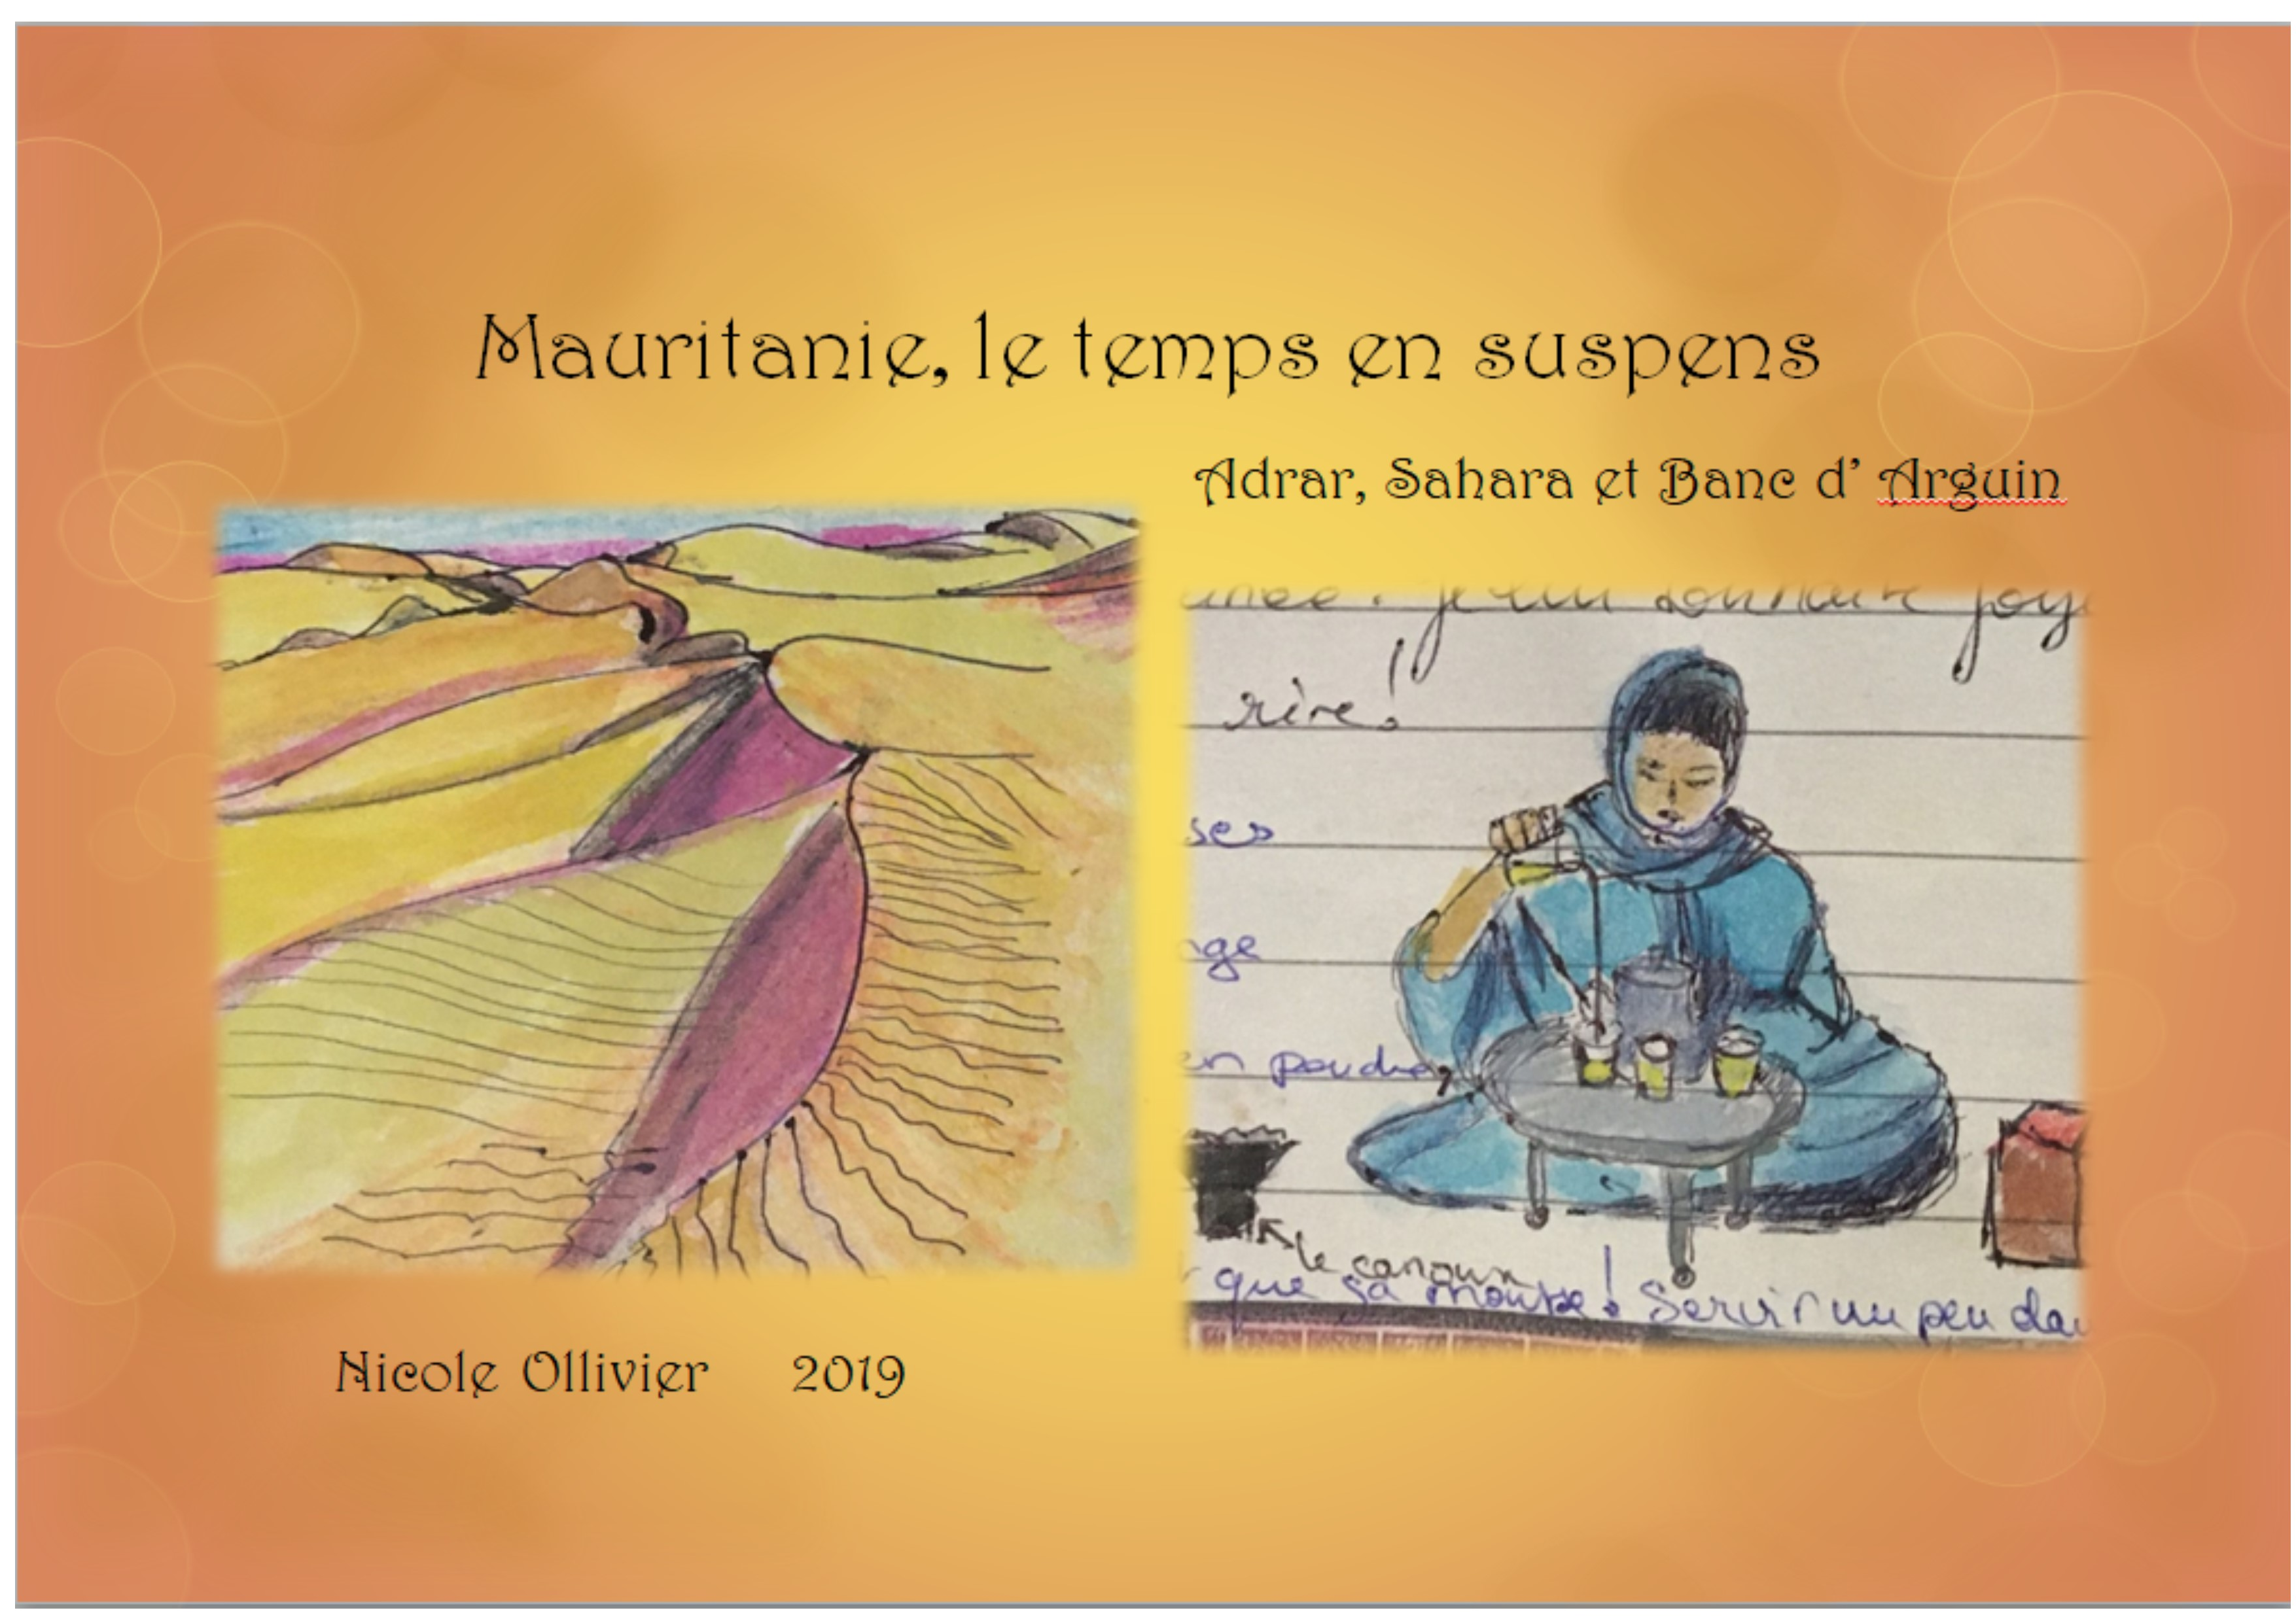 Mauritanie, le temps en suspens